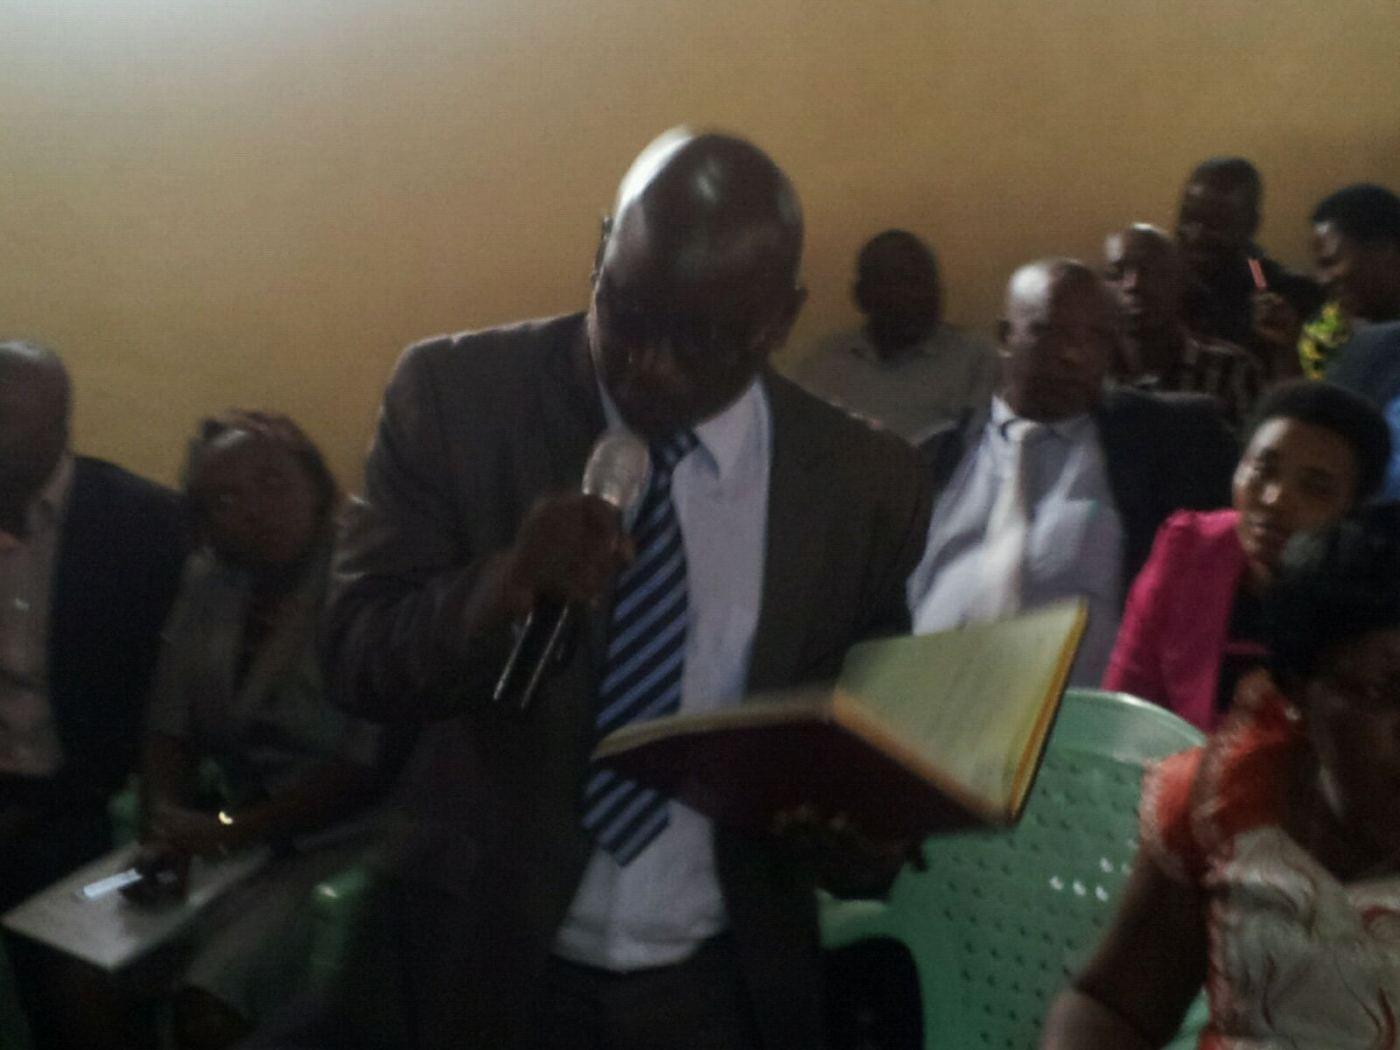 Ce député demandera que la révision de la Constitution pour qu'un président élu dirige jusqu'à ce qu'il en soit incapable comme pour les anciens monarques du Burundi